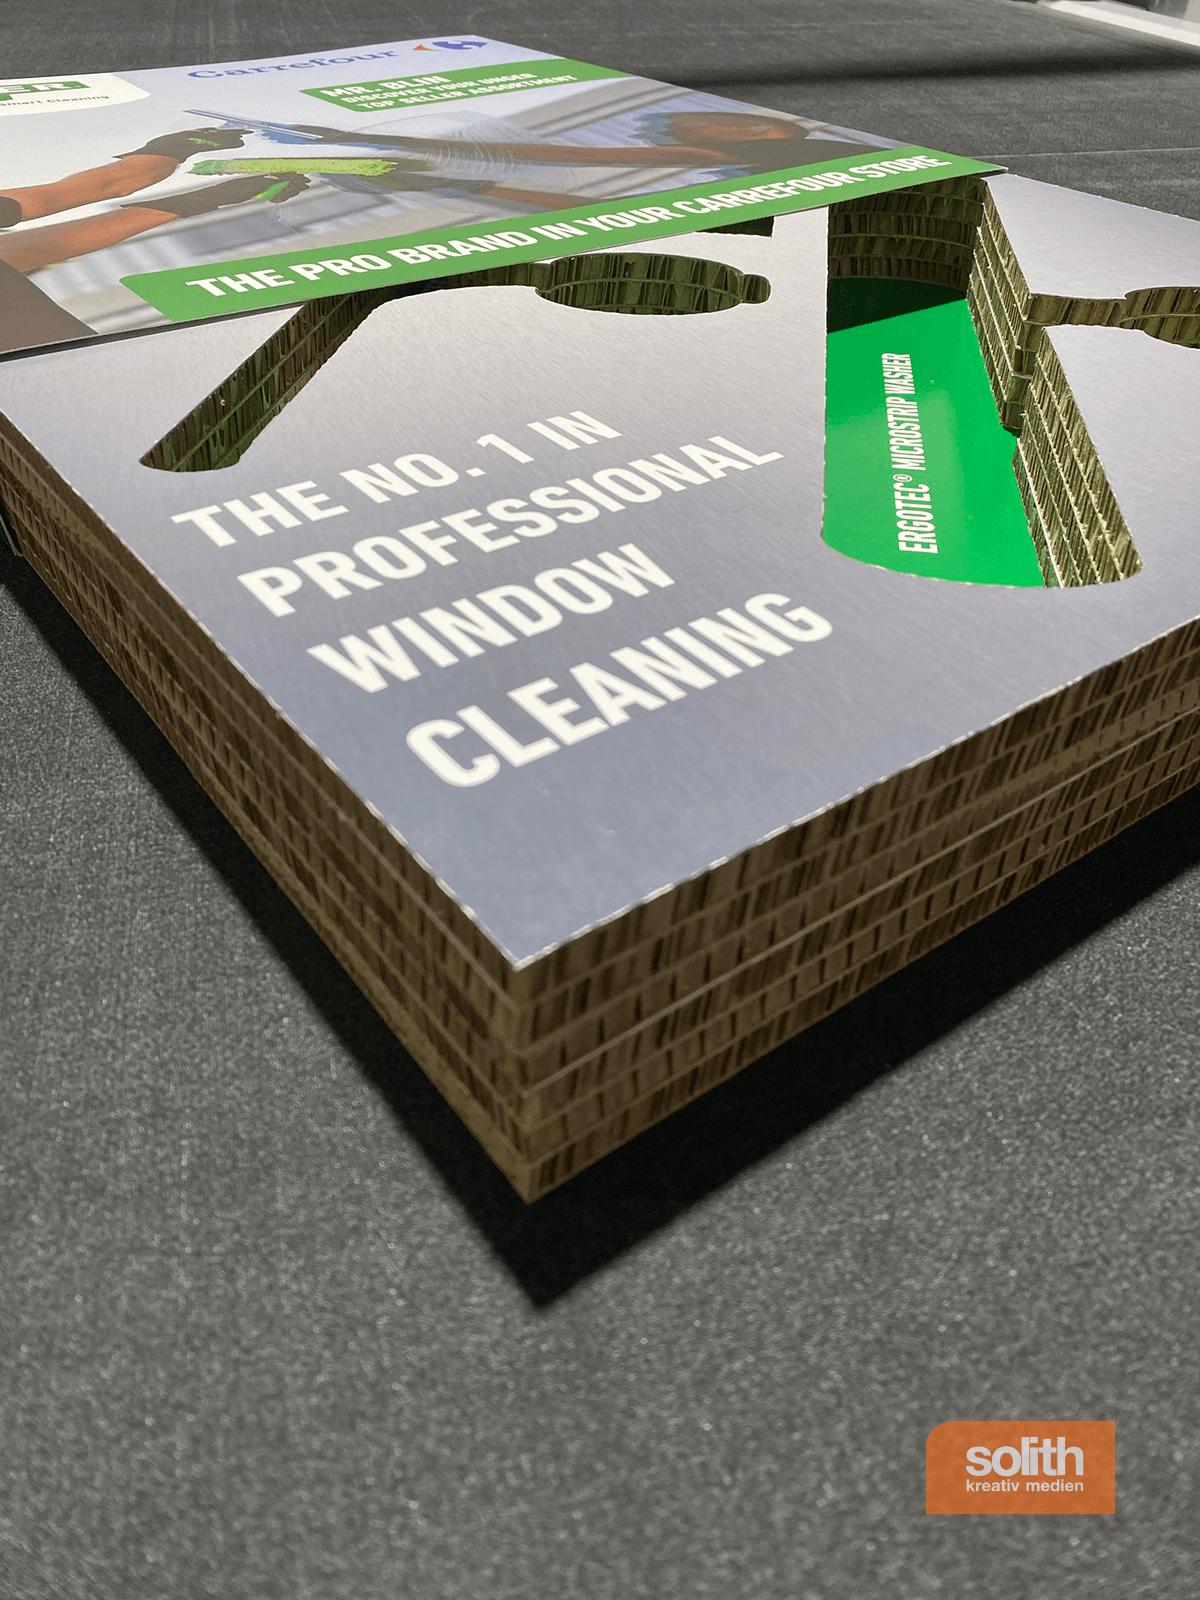 aufwaendige-Verpackungen-1